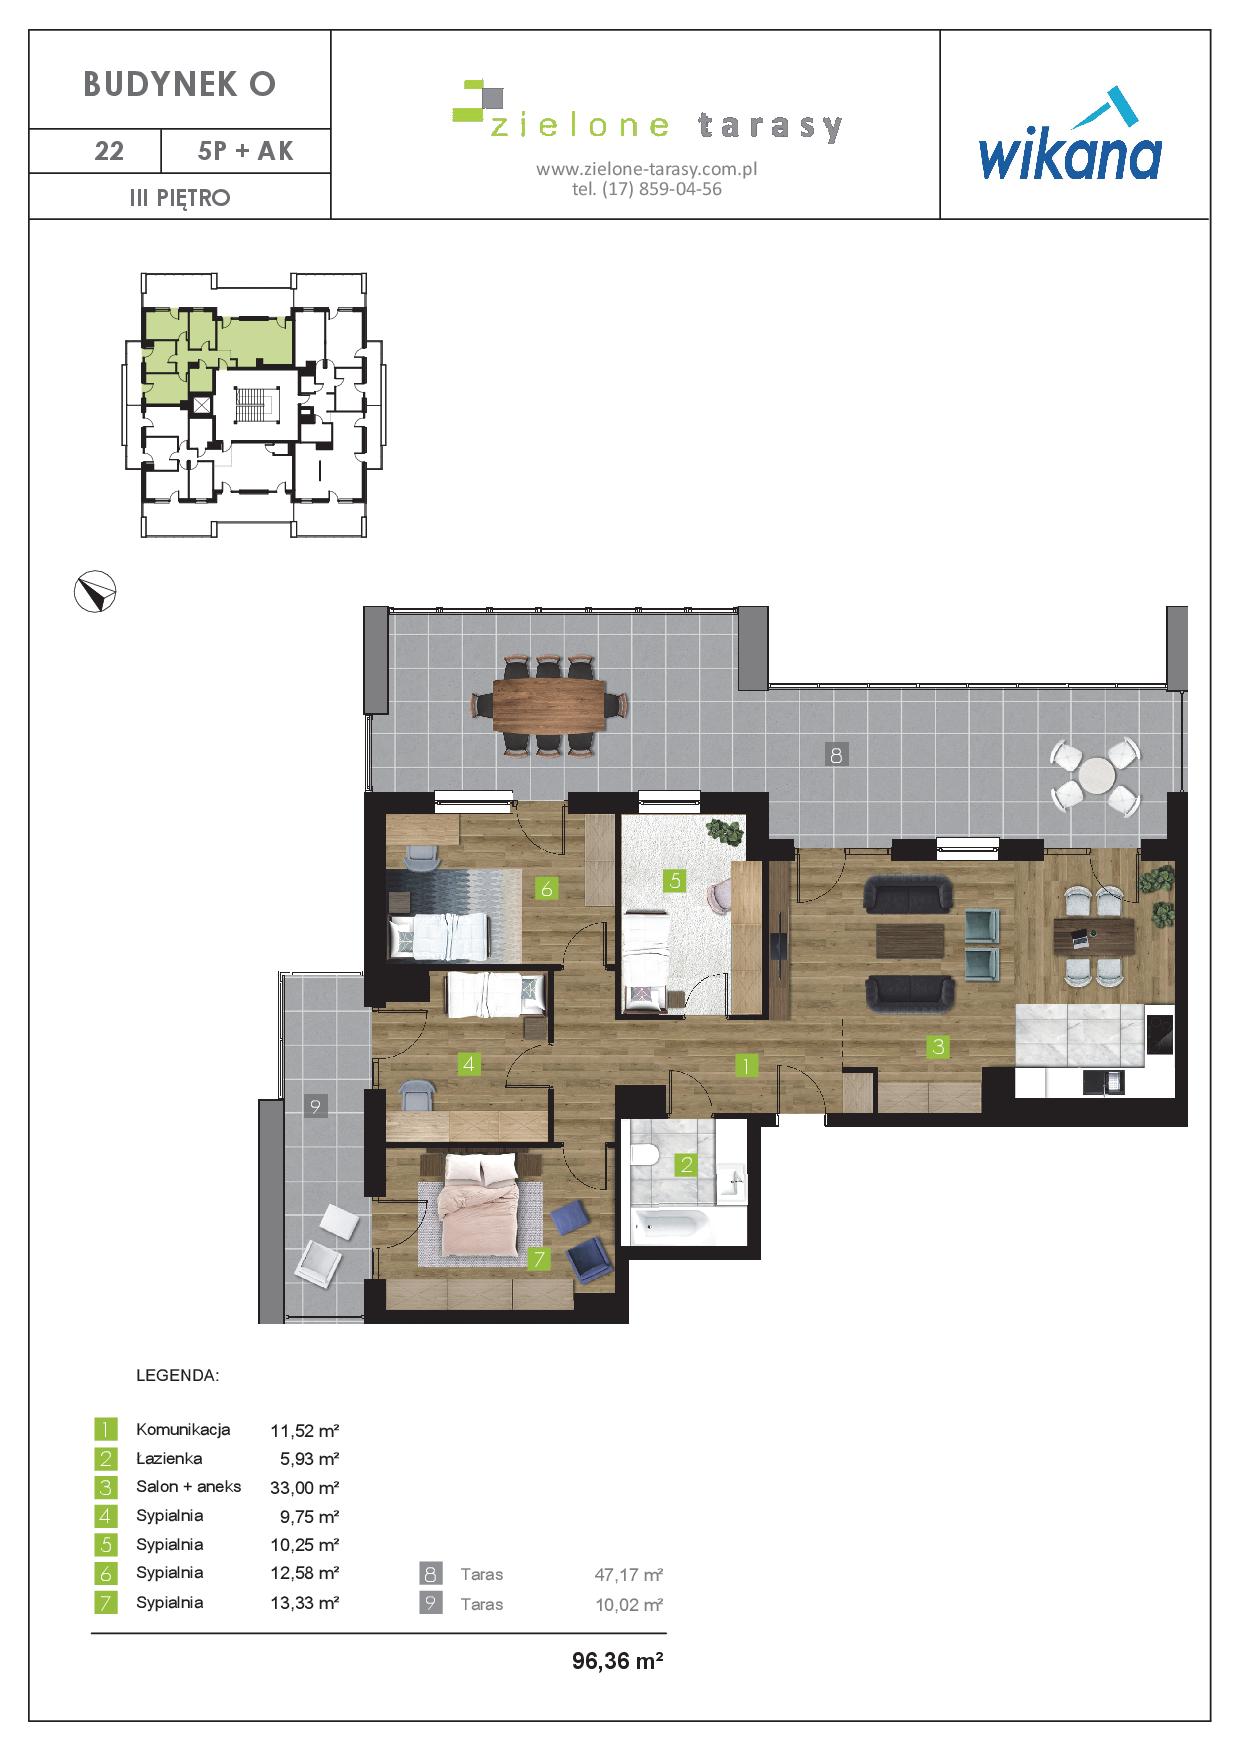 sprzedaż mieszkań rzeszów - O-22